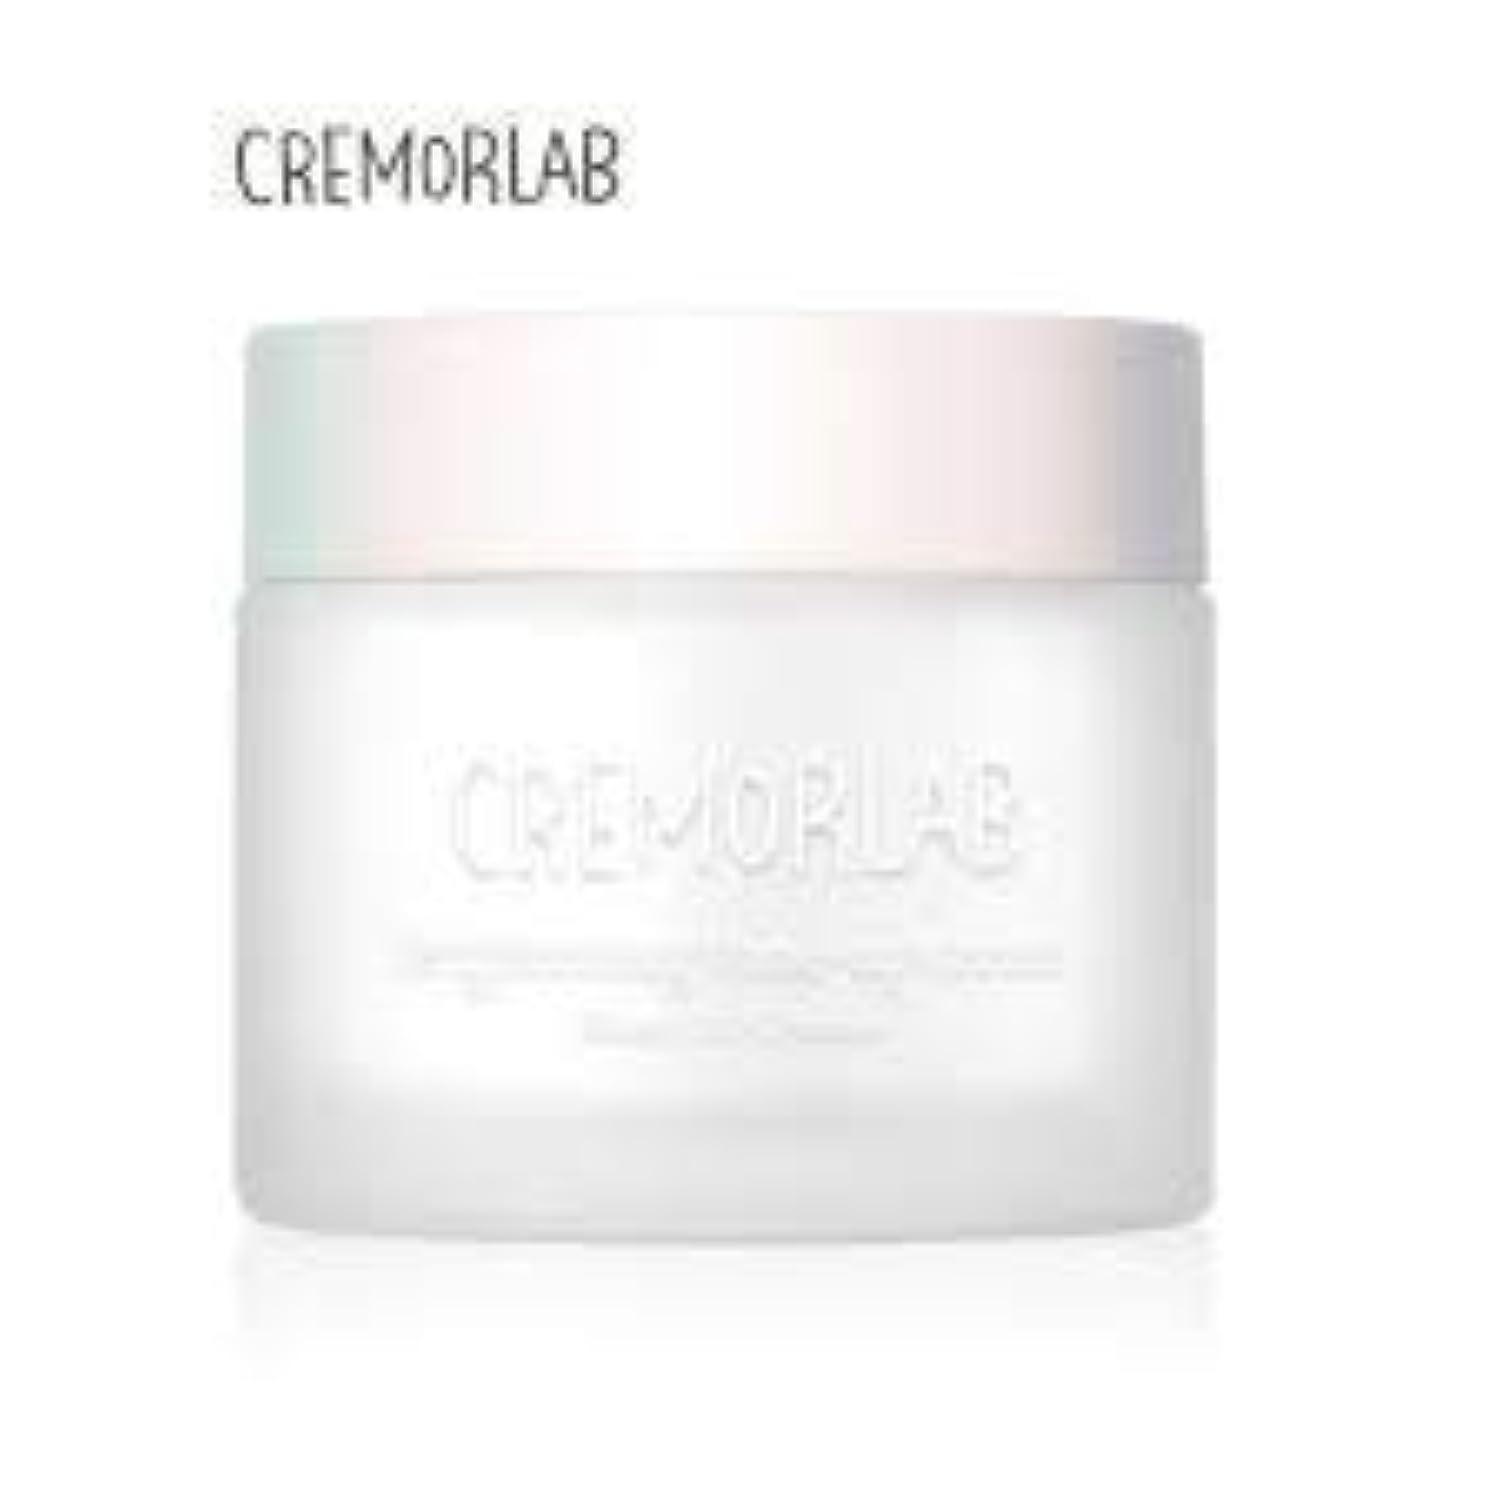 復讐拒絶するシンプトンCREMORLAB ブランドクレマーブライトニングクリーム50ml - 肌のトーンを洗練させ、透明度を高め、肌の色を明るくします。